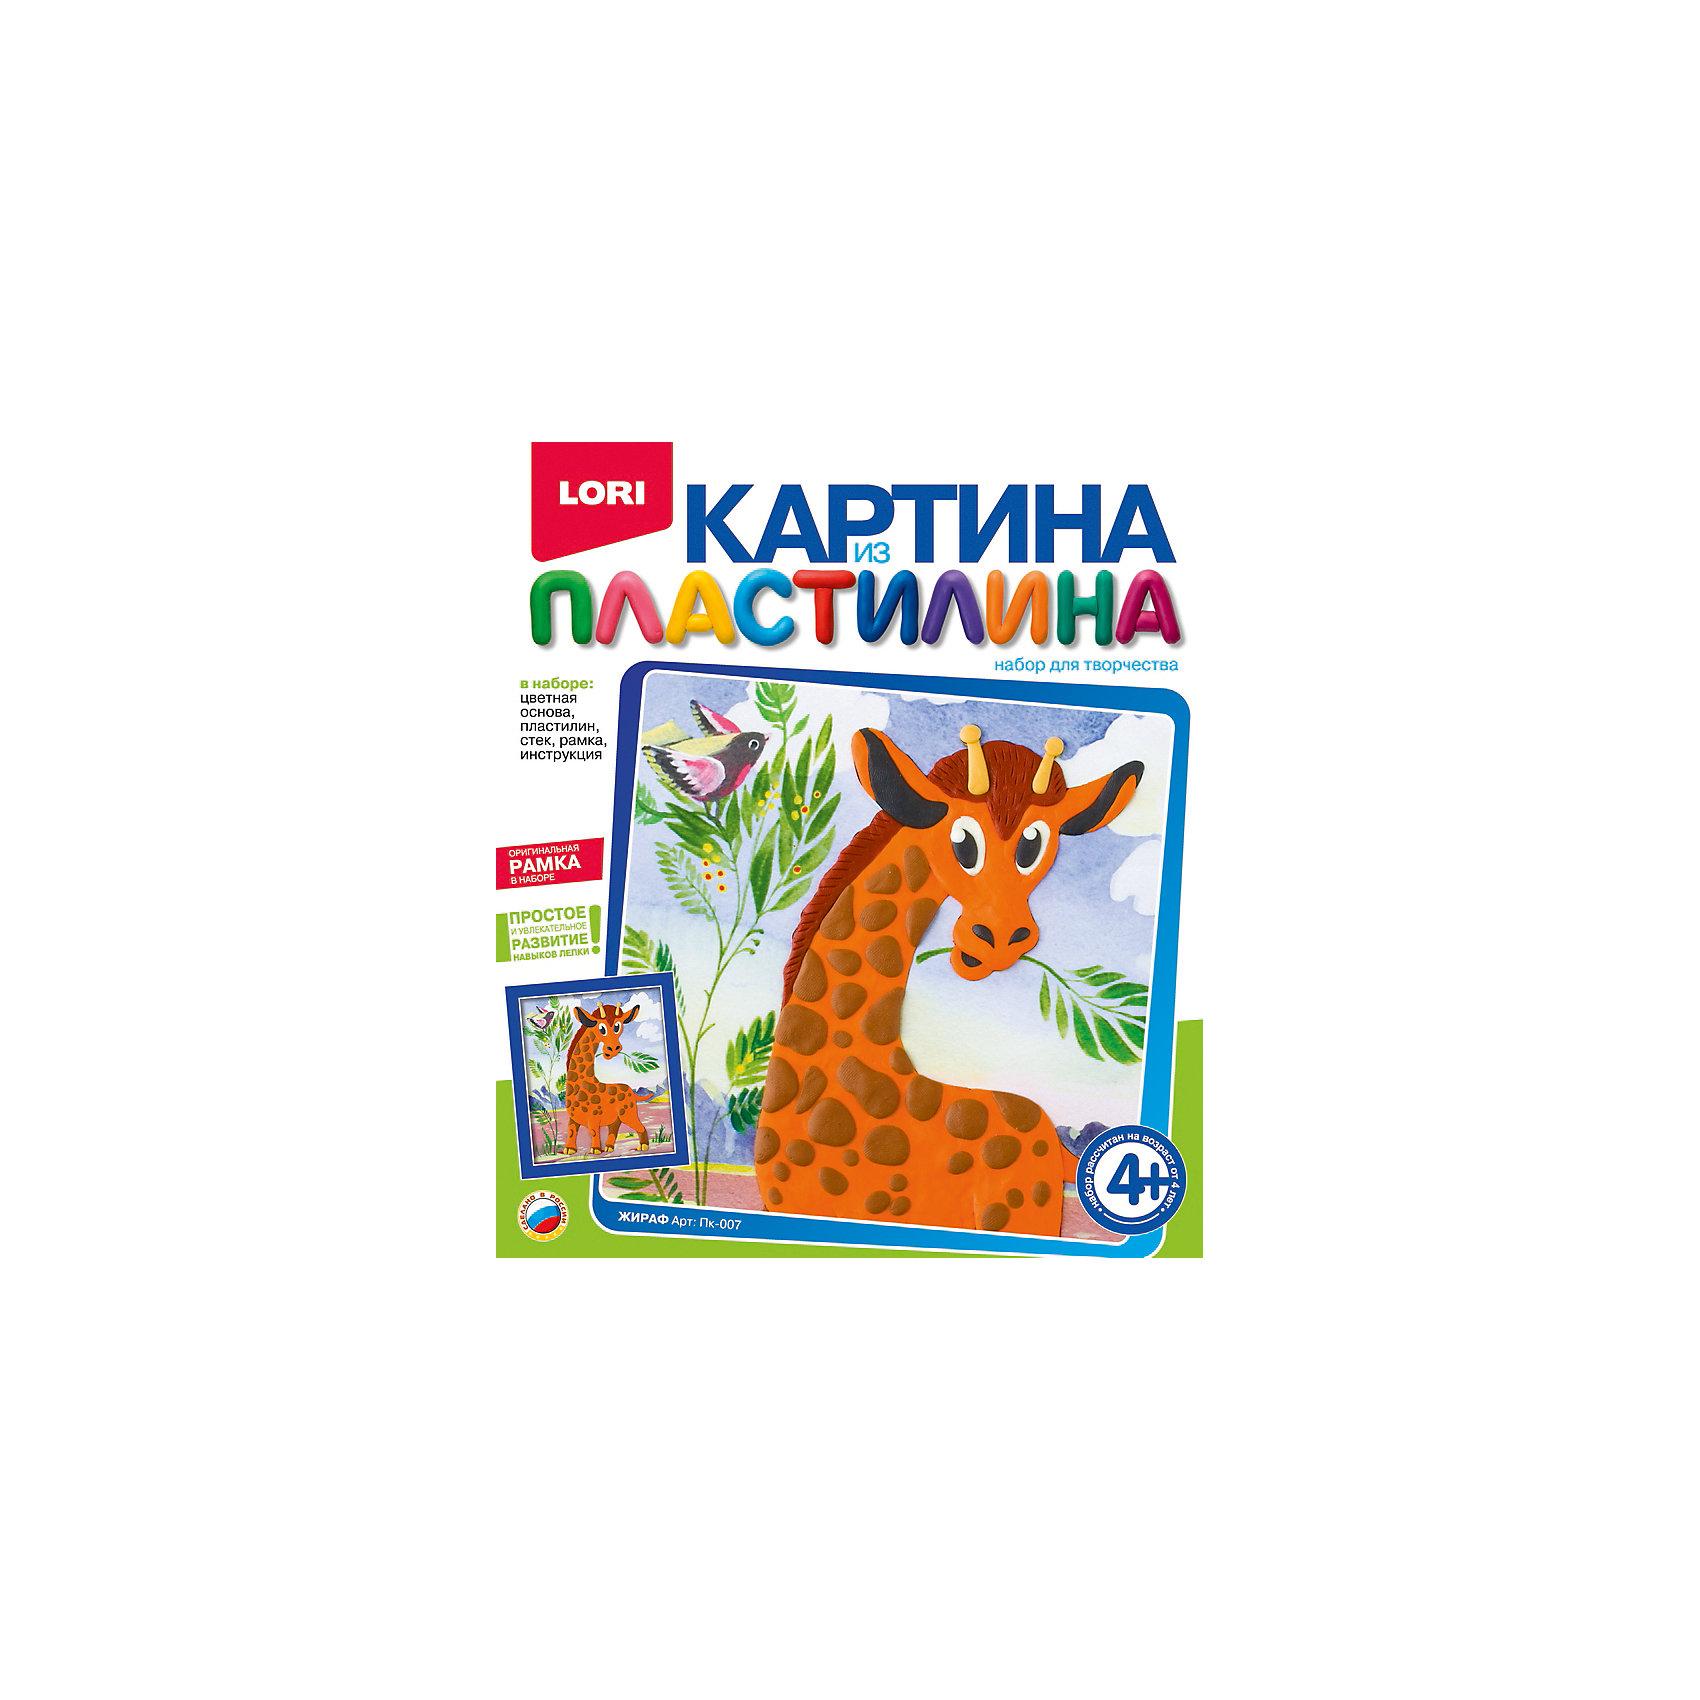 Картина из пластилина Жираф, LORIНаборы для лепки<br>Если Вы и Ваш ребенок любите проводить время вмести и учиться чему-то новому, то набор для создания картин из пластилина Жираф от LORI (ЛОРИ) - это то, что Вы искали. С его помощью Вы научите ребенка не только различать цвета, но и создавать настоящие картины из пластилина. Техника очень простая, поэтому набор подойдет для самых маленьких любителей лепки. Ребенка обязательно привлечет яркая картинка, с изображением симпатичного жирафика. Приклеивая кусочек за кусочком, ребенок увидит, как картинка будто оживает у него на глазах! Малыш обязательно влюбится в это увлекательное занятие! Покажите ребенку, как создается картинка на одном фрагменте и вскоре он будет увлеченно подбирать цвета и приклеивать кусочки пластилина самостоятельно. По окончании работы, Вы сможете смастерить рамку и повесить замечательную картинку на видное место! Занятие с увлекательным набором Жираф от LORI (ЛОРИ) способствует развитию мелкой моторики, мышления и воображения детей. <br><br>Дополнительная информация:<br><br>- Способствует развитию моторики, мышления, воображения;<br>- В комплекте: цветная основа, пластилин, стек, рамка, инструкция;<br>- Отлично подойдет малышам;<br>- Прекрасный подарок;<br>- В наборе оригинальная рамка;<br>- Размер упаковки: 23 х 20 х 4 см;<br>- Вес: 238 г<br><br>Картину из пластилина Жираф, LORI (ЛОРИ) можно купить в нашем интернет-магазине.<br><br>Ширина мм: 200<br>Глубина мм: 230<br>Высота мм: 40<br>Вес г: 238<br>Возраст от месяцев: 48<br>Возраст до месяцев: 108<br>Пол: Унисекс<br>Возраст: Детский<br>SKU: 4073074